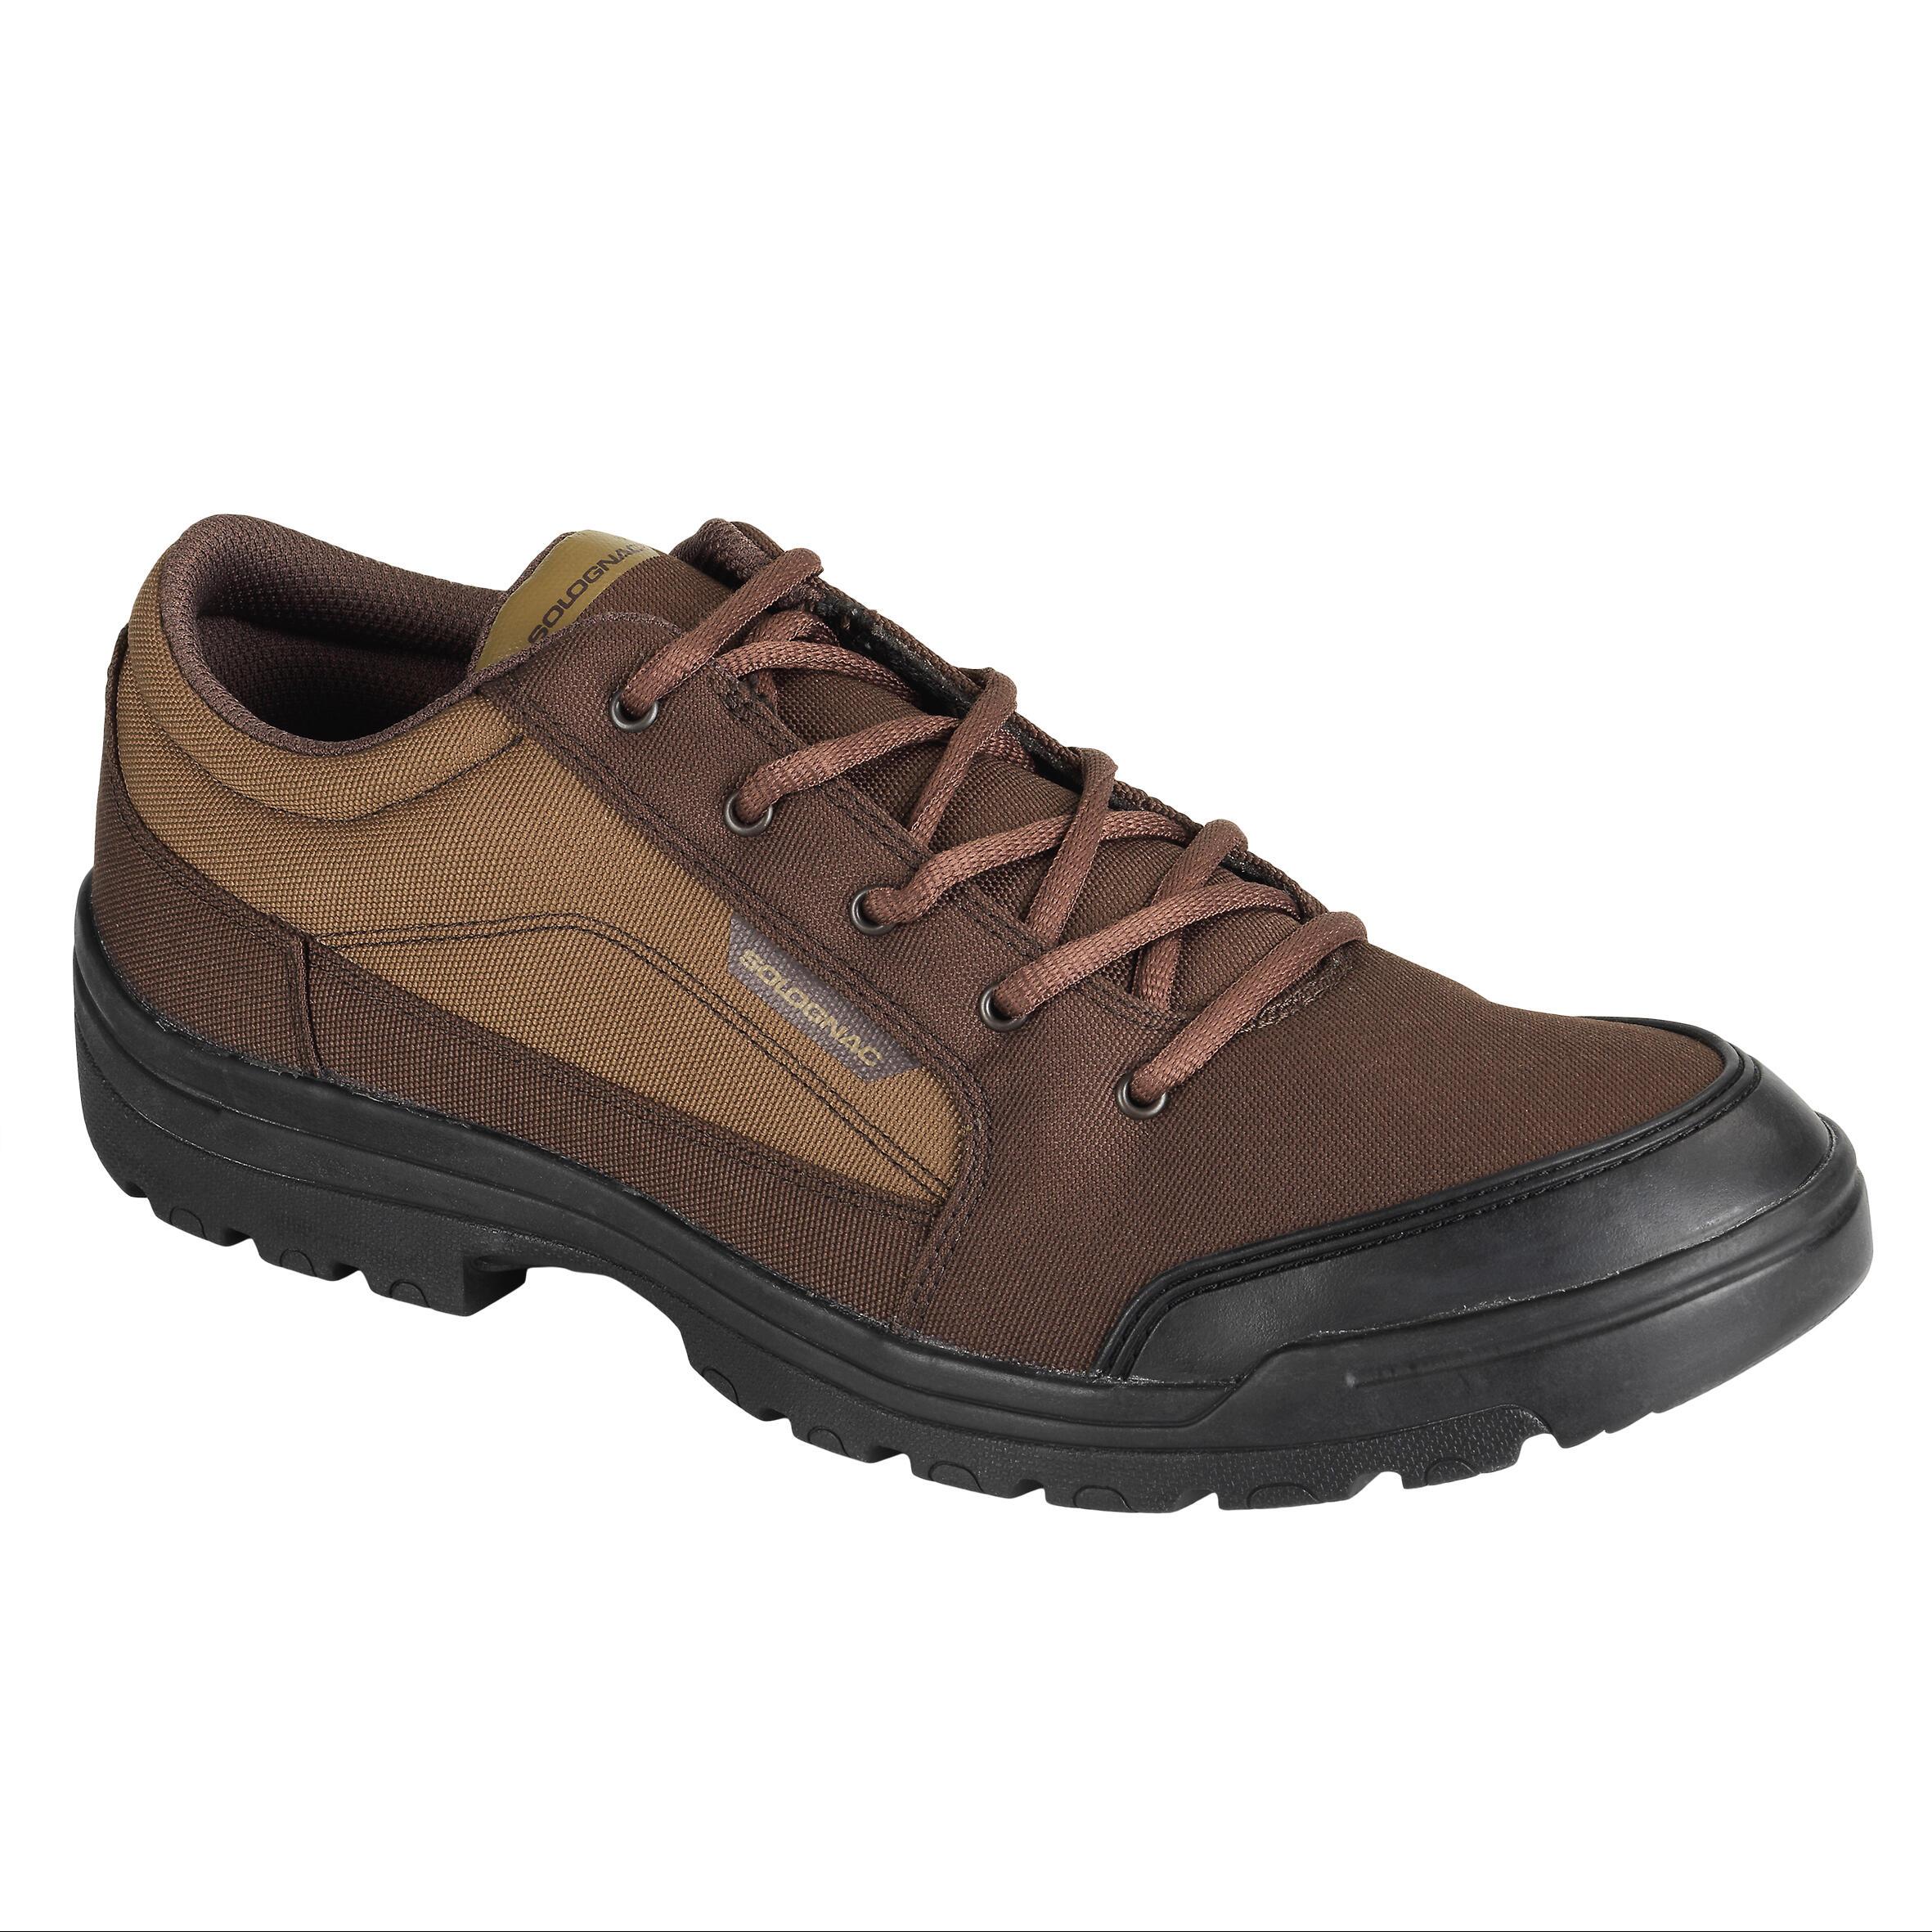 Jagdschuhe 100 low leicht braun   Schuhe > Outdoorschuhe > Trekkingschuhe   Solognac